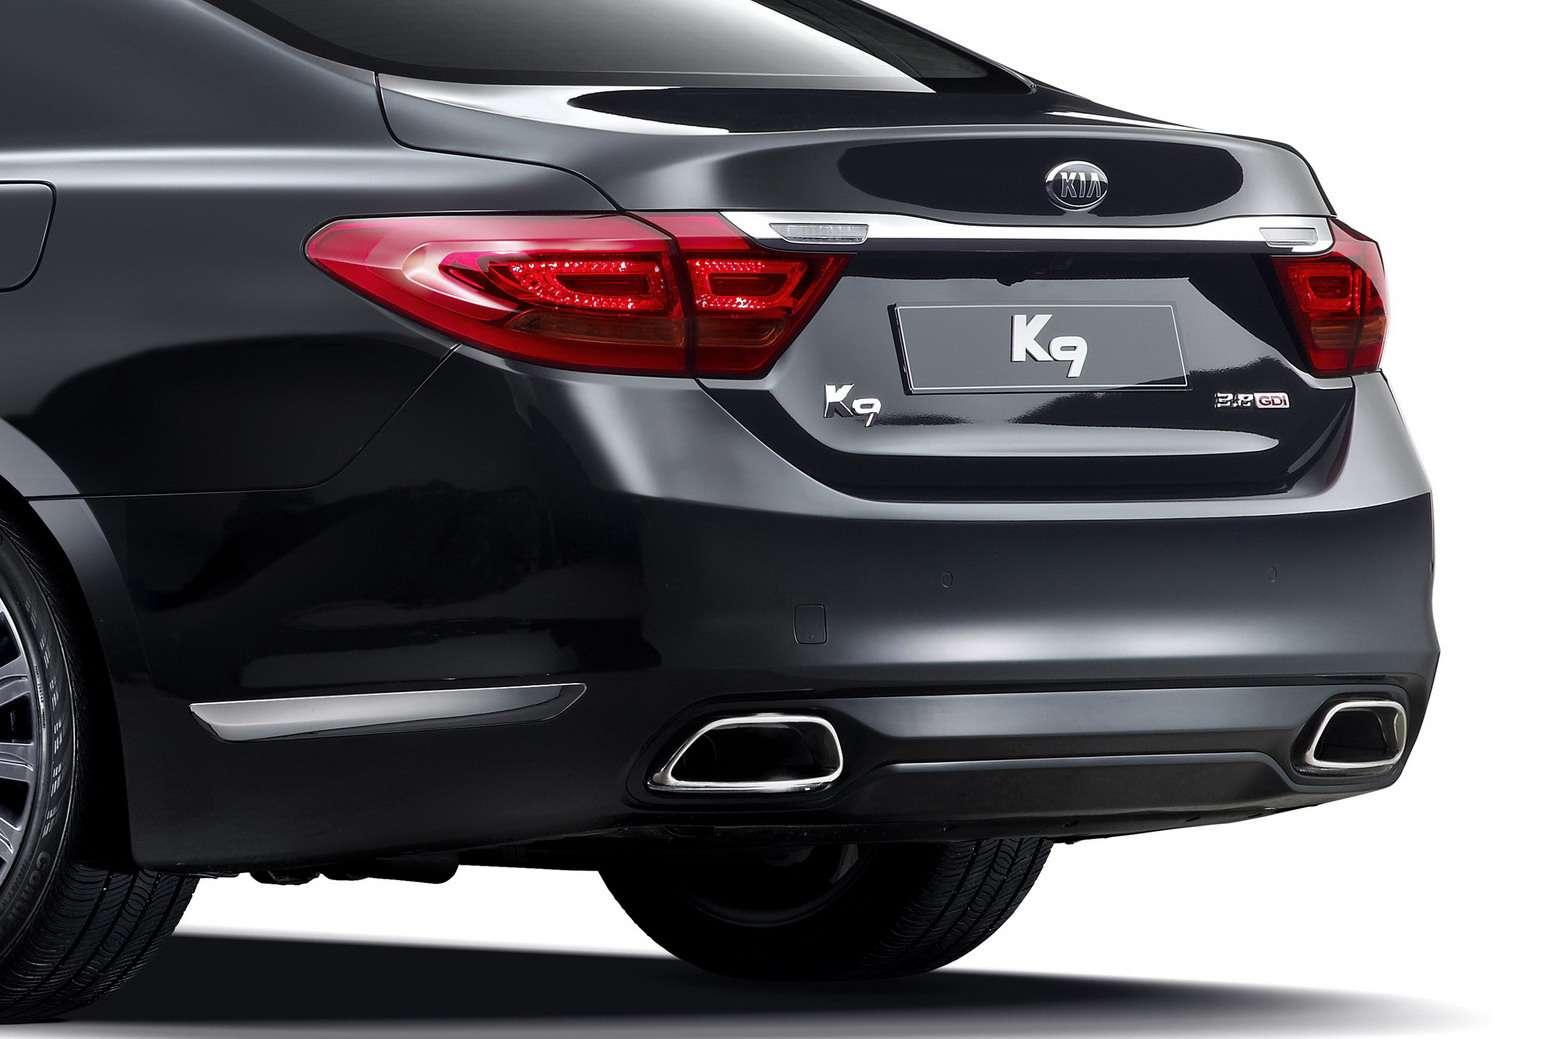 Nowa Kia K9 RWD pierwsze oficjalne